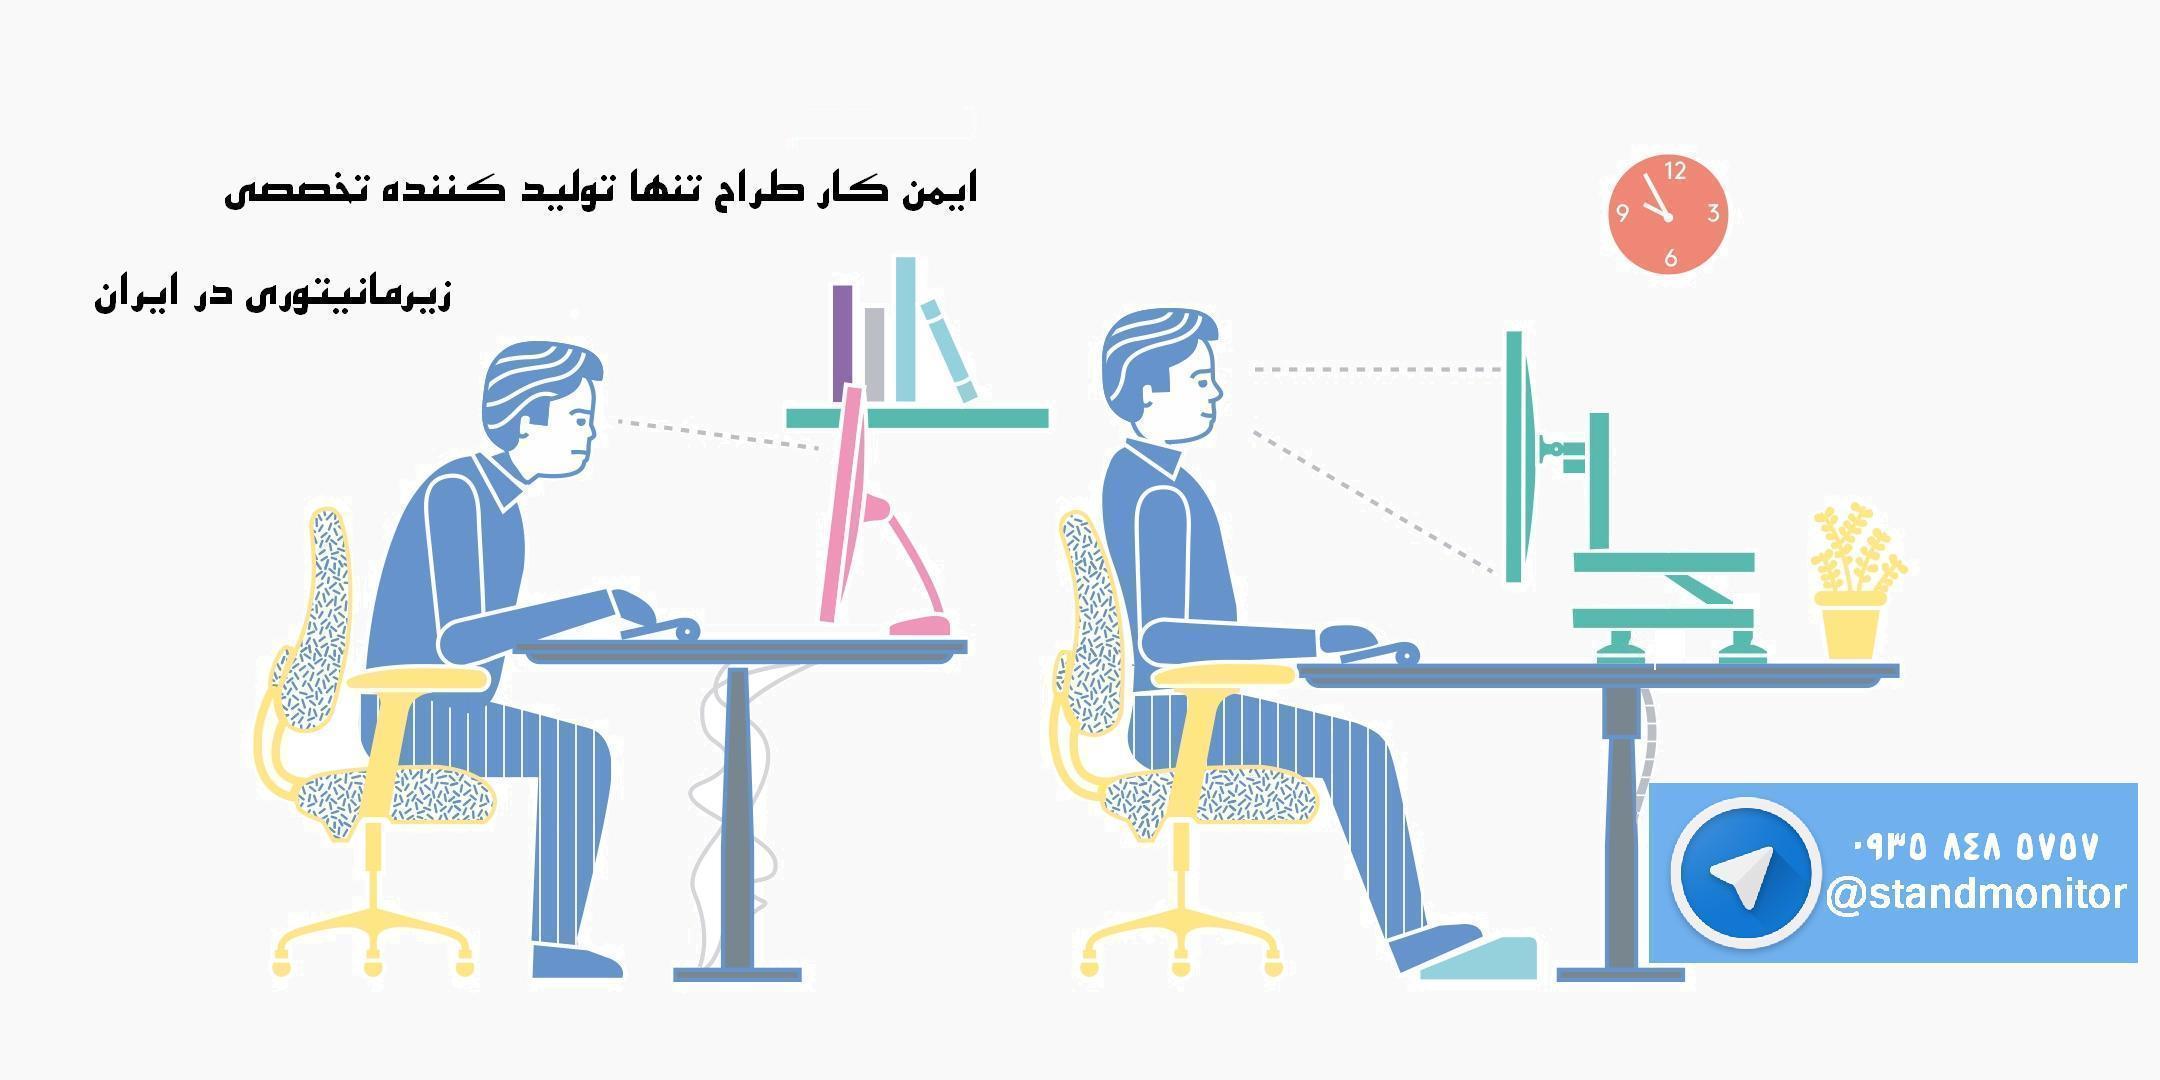 سایت تخصصی بهداشت حرفه ای و ایمنی , hsefroum